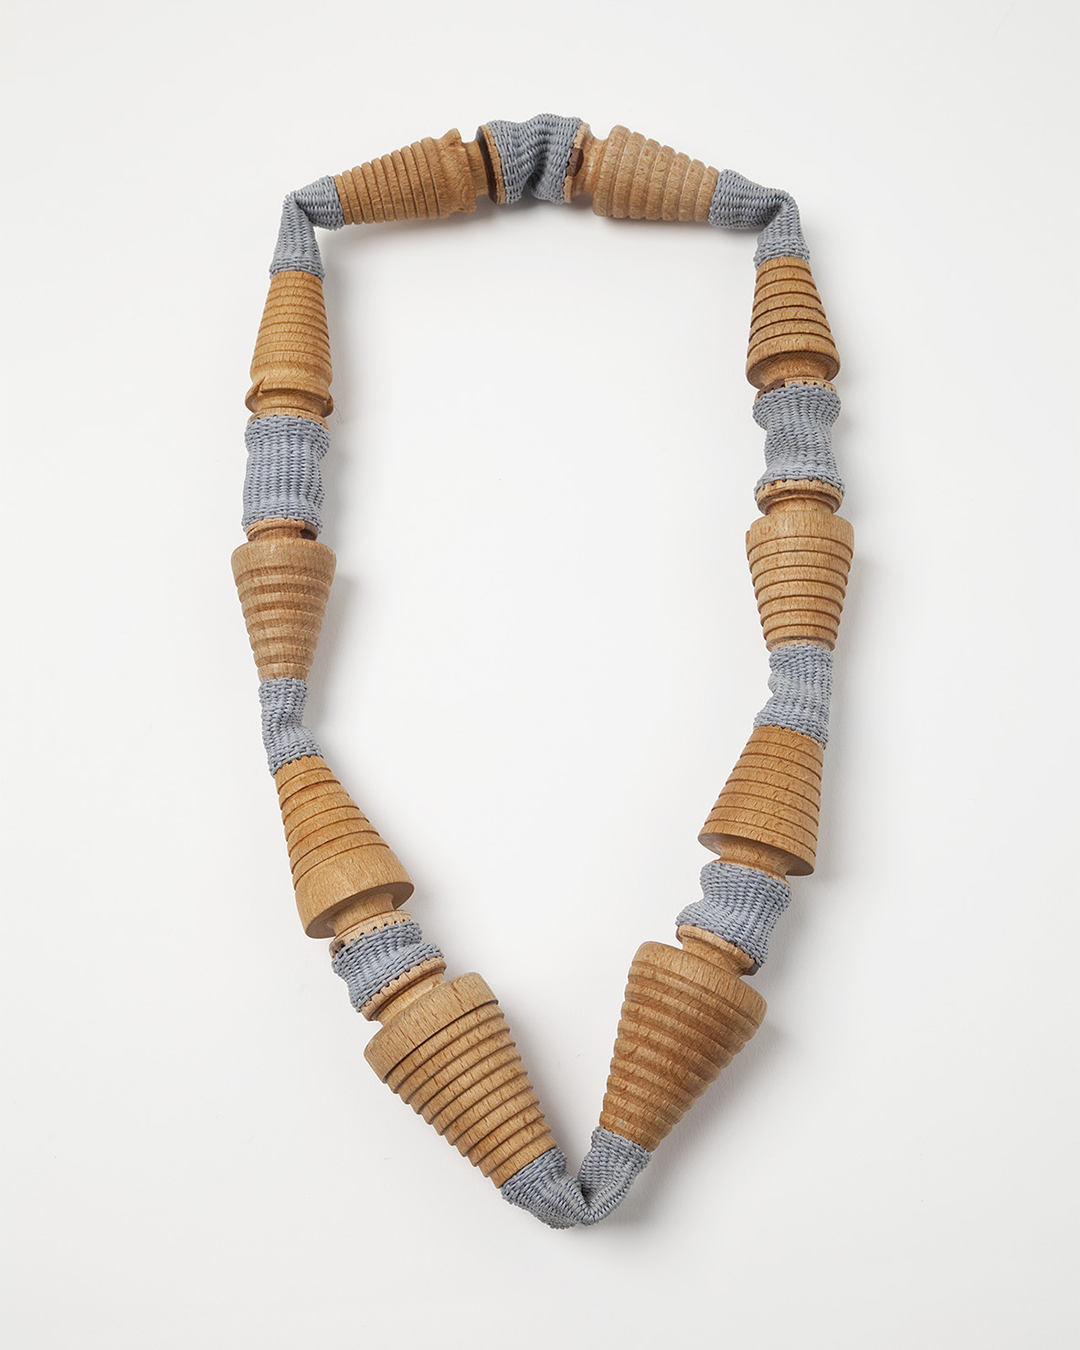 Barbara Schrobenhauser, Spules, 2020, necklace; wood, woven string